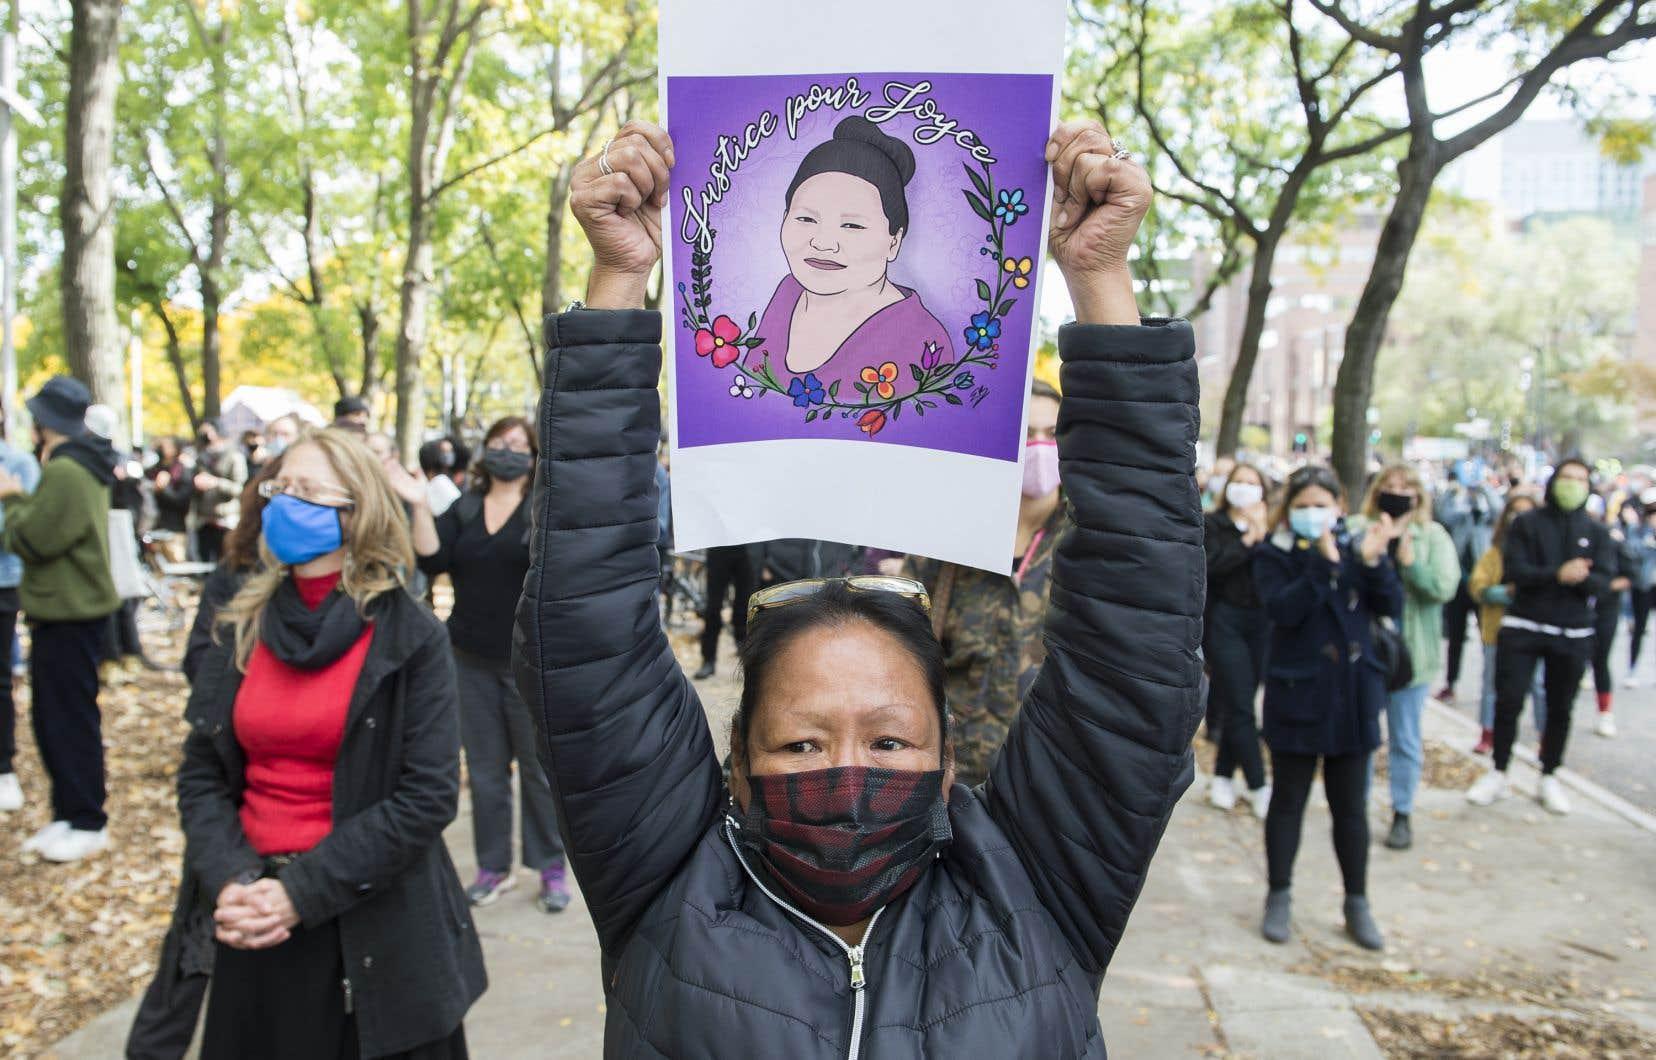 Dans un communiqué publié dans la foulée de la mort de Joyce Echaquan, le Conseil cri de la santé et des services sociaux de la Baie-James déclarait qu'«aucun organisme de santé n'est à l'abri du racisme systémique».